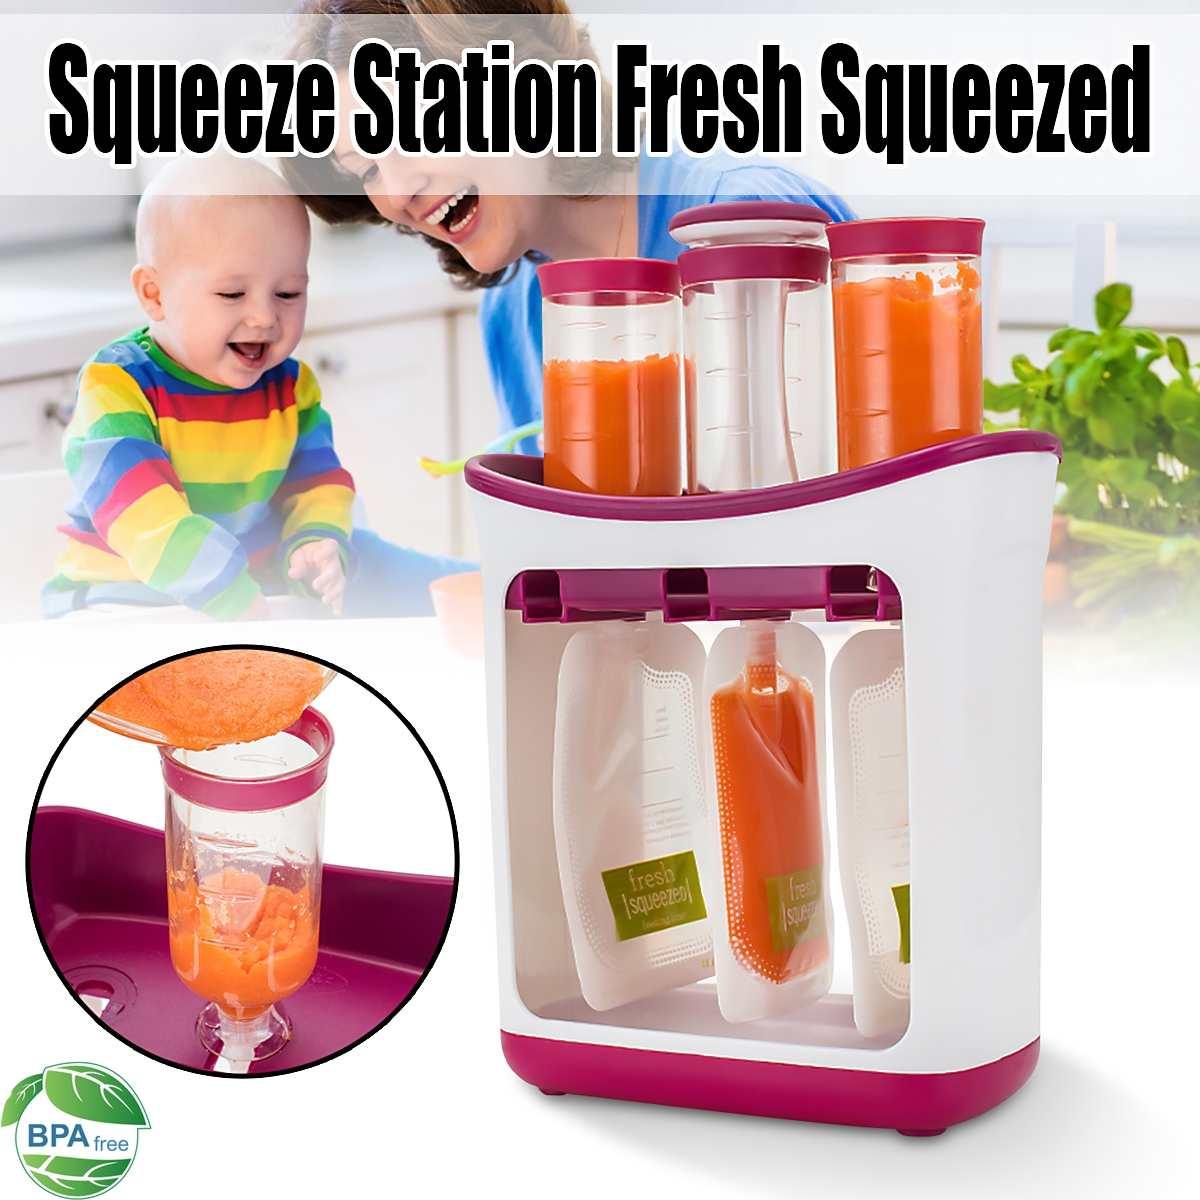 Estación exprimidora de alimentos para bebés en casa, estación para zumo de frutas con bolsitas, Kit de alimentación, máquina multifunción para alimentos de bebés, almacenamiento de alimentos